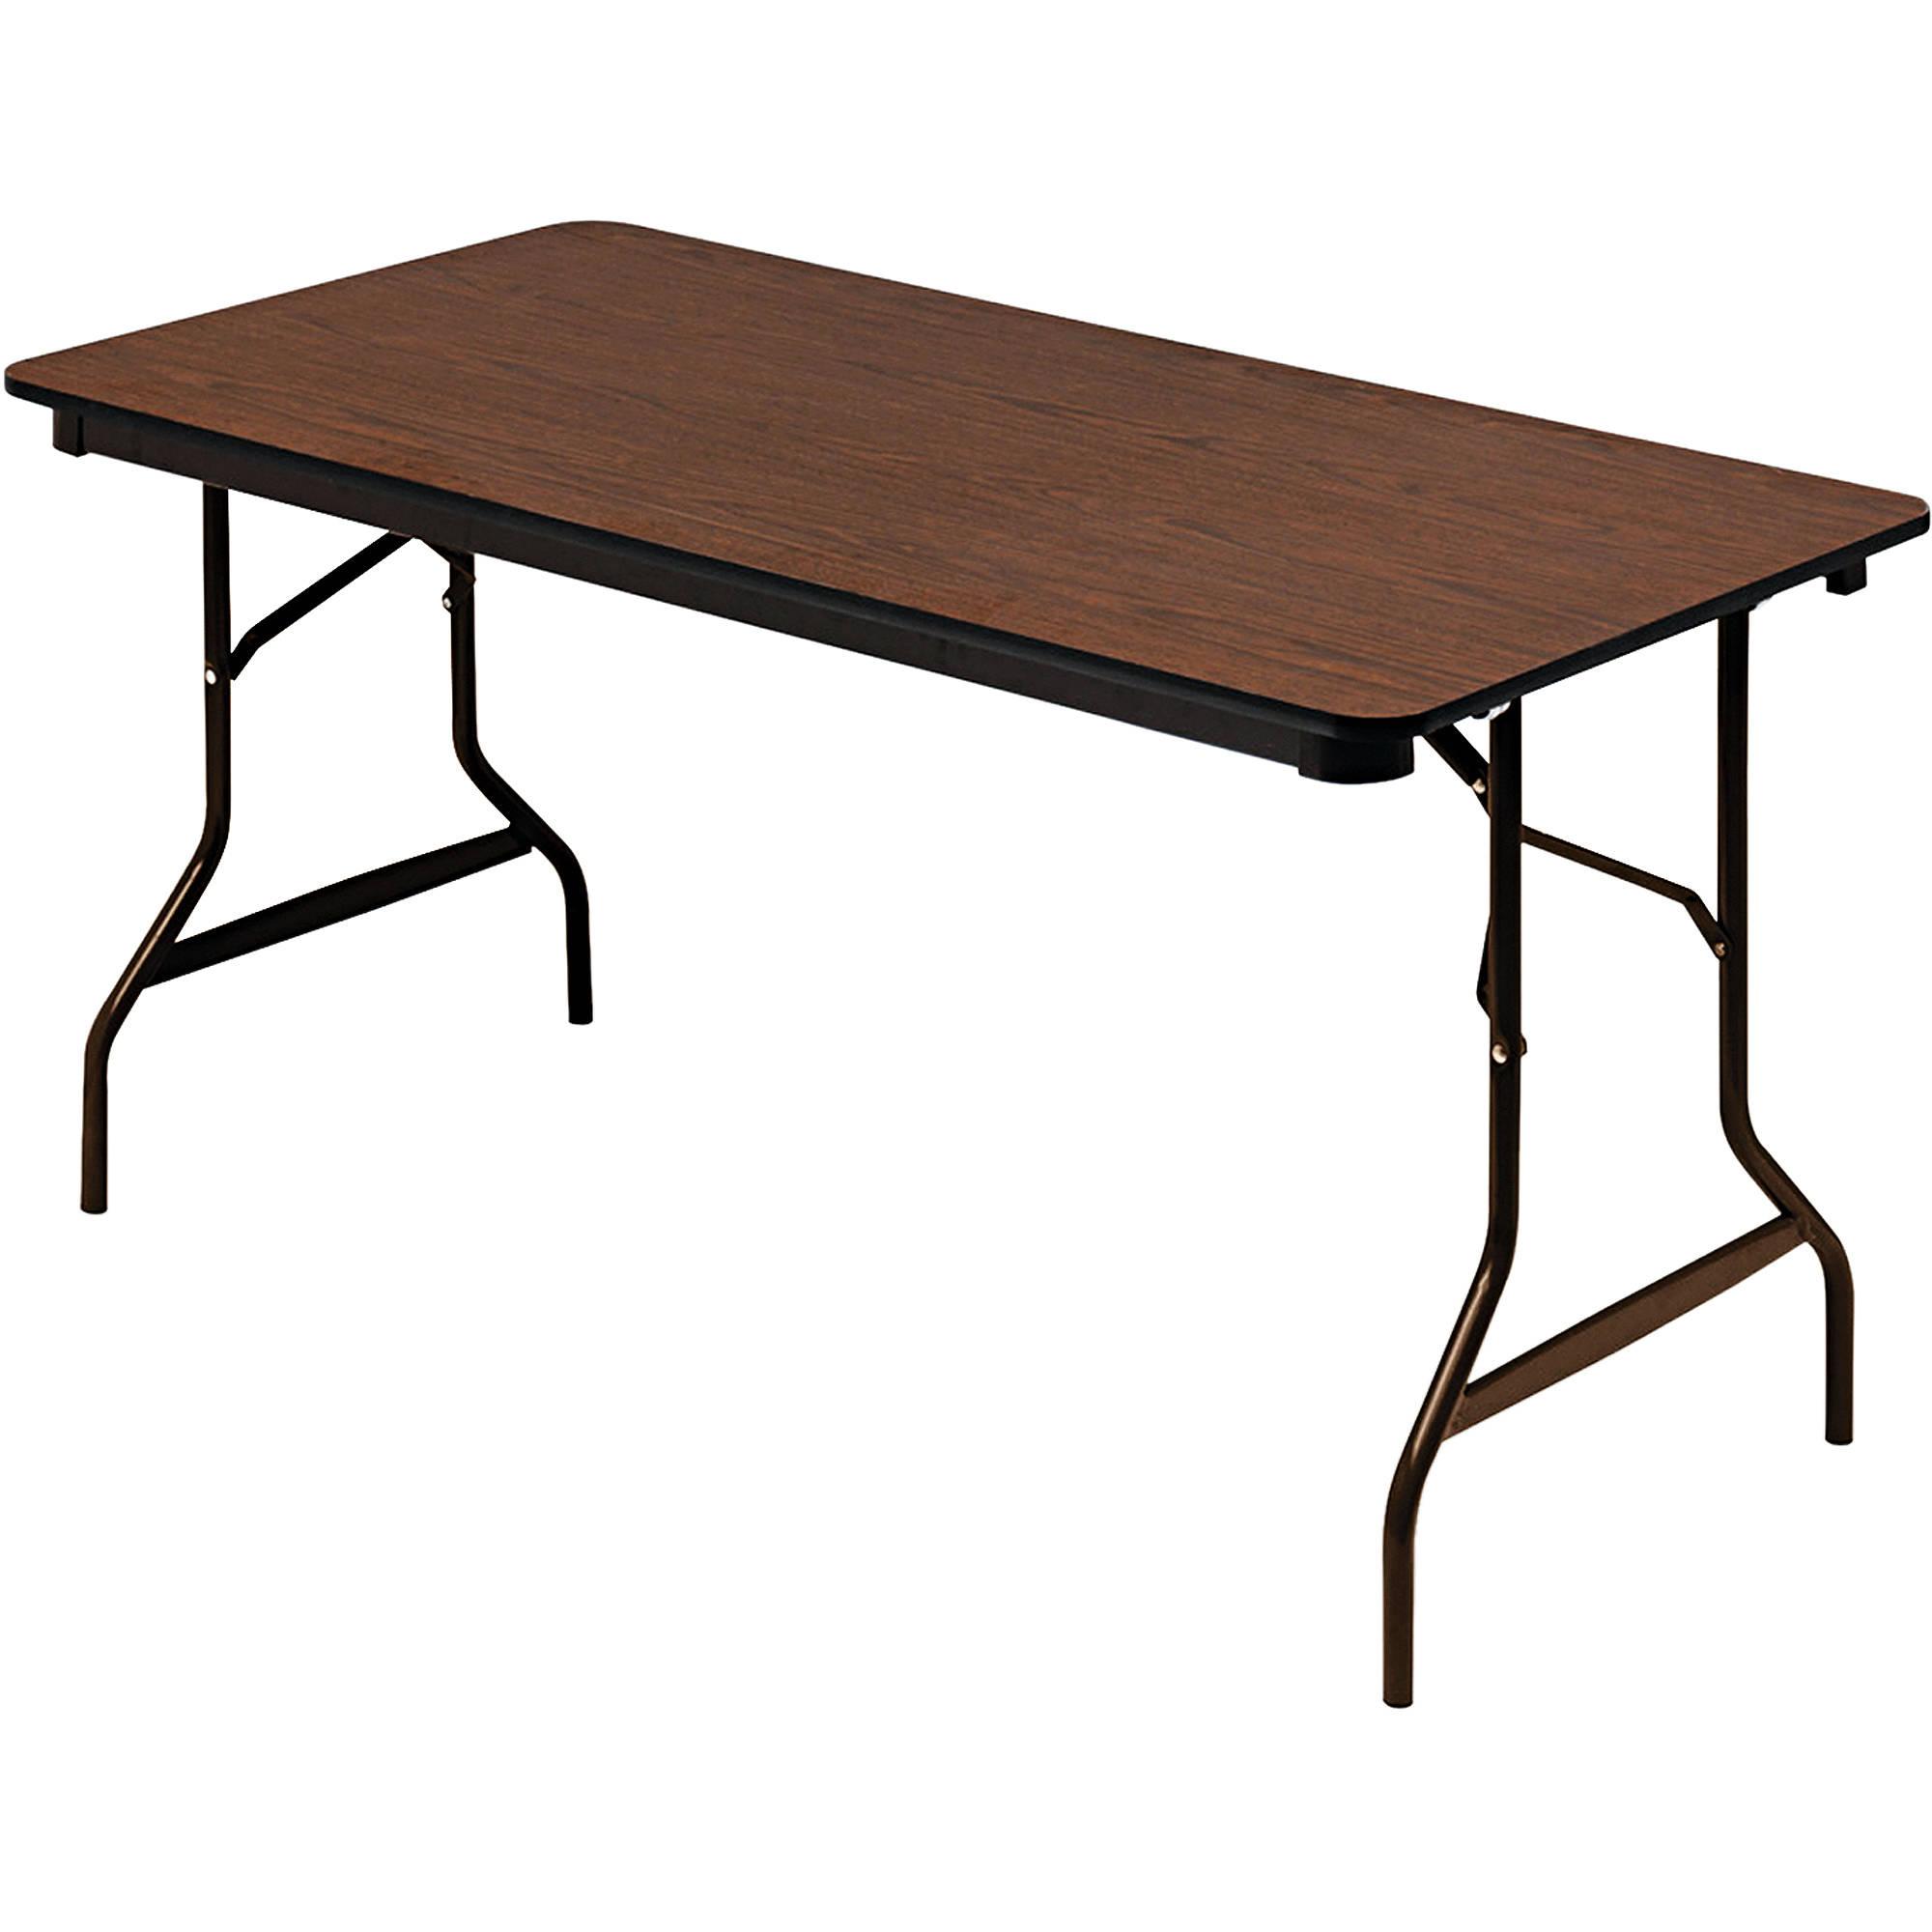 """Iceberg Economy Wood Laminate Folding Table, Rectangular, 29""""H, Walnut"""